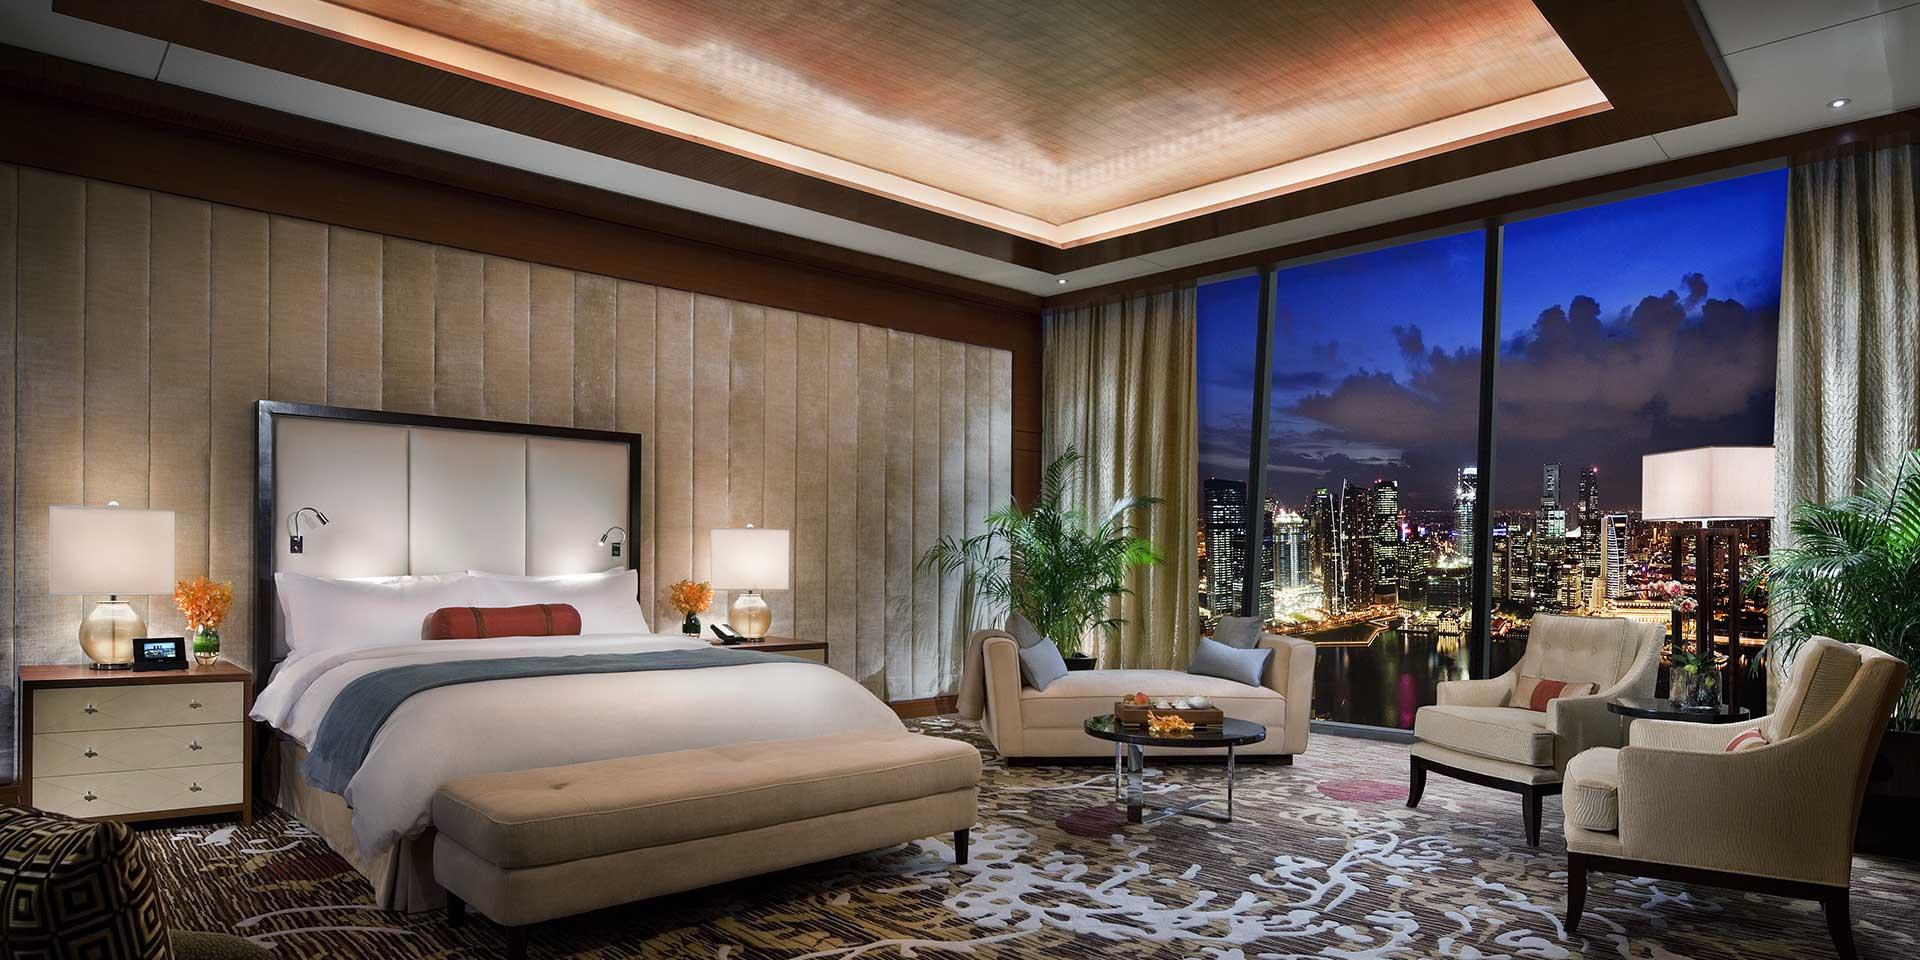 Sự thật về Phòng tổng thống - căn phòng có tiền cũng chưa chắc được ở tại các khách sạn 5 sao - Ảnh 3.